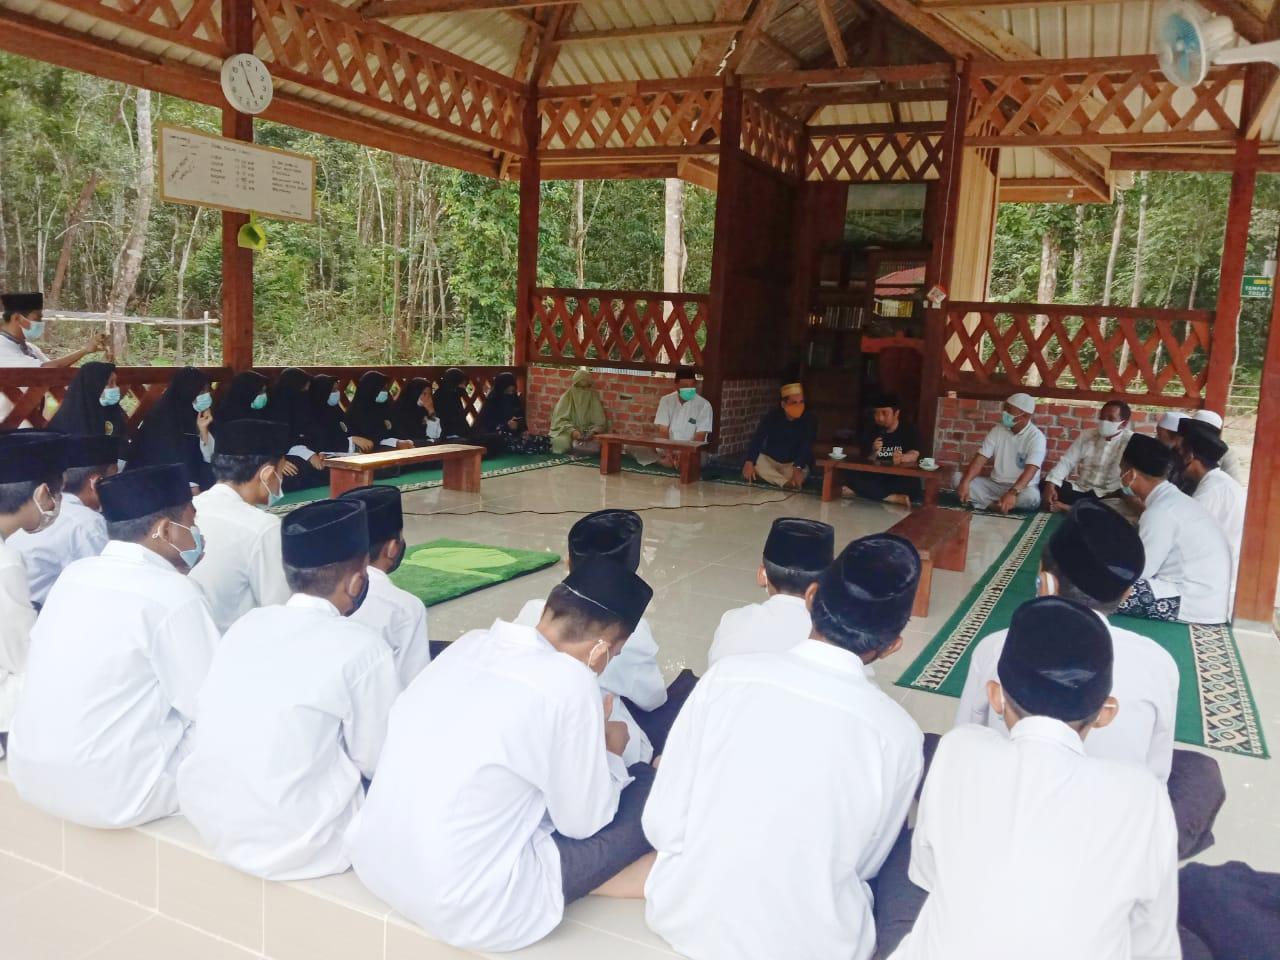 Foto Dabo singkep, Lingga, pondok pesantren, yusuf masyur